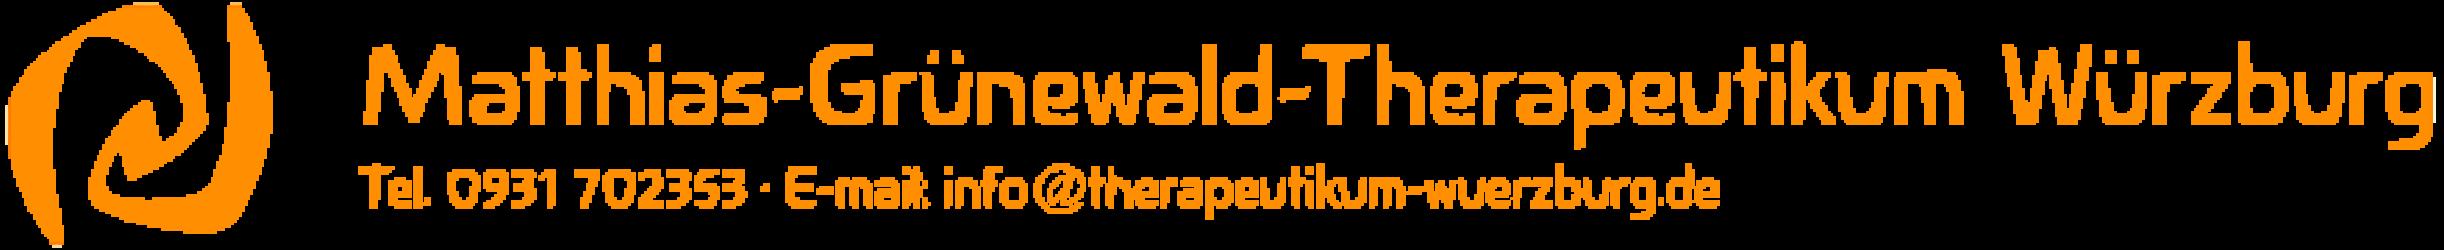 Matthias-Grünewald-Therapeutikum Würzburg